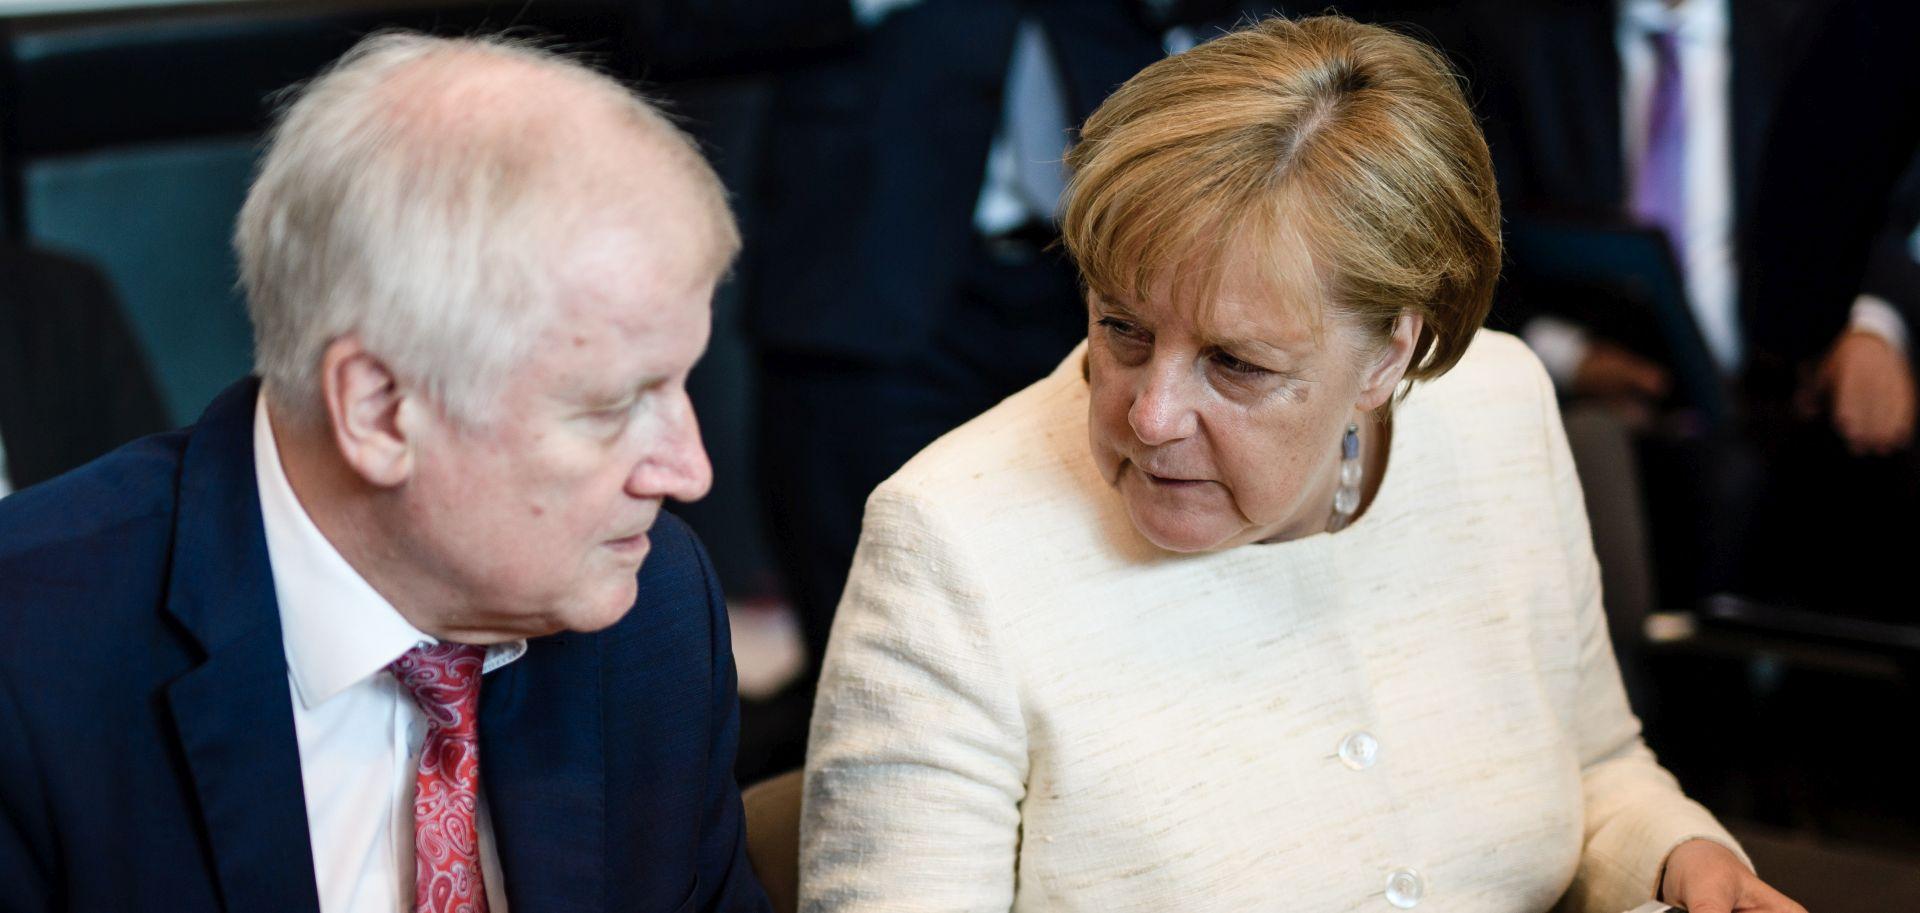 OKONČANA KRIZA Njemački demokršćani postigli kompromis